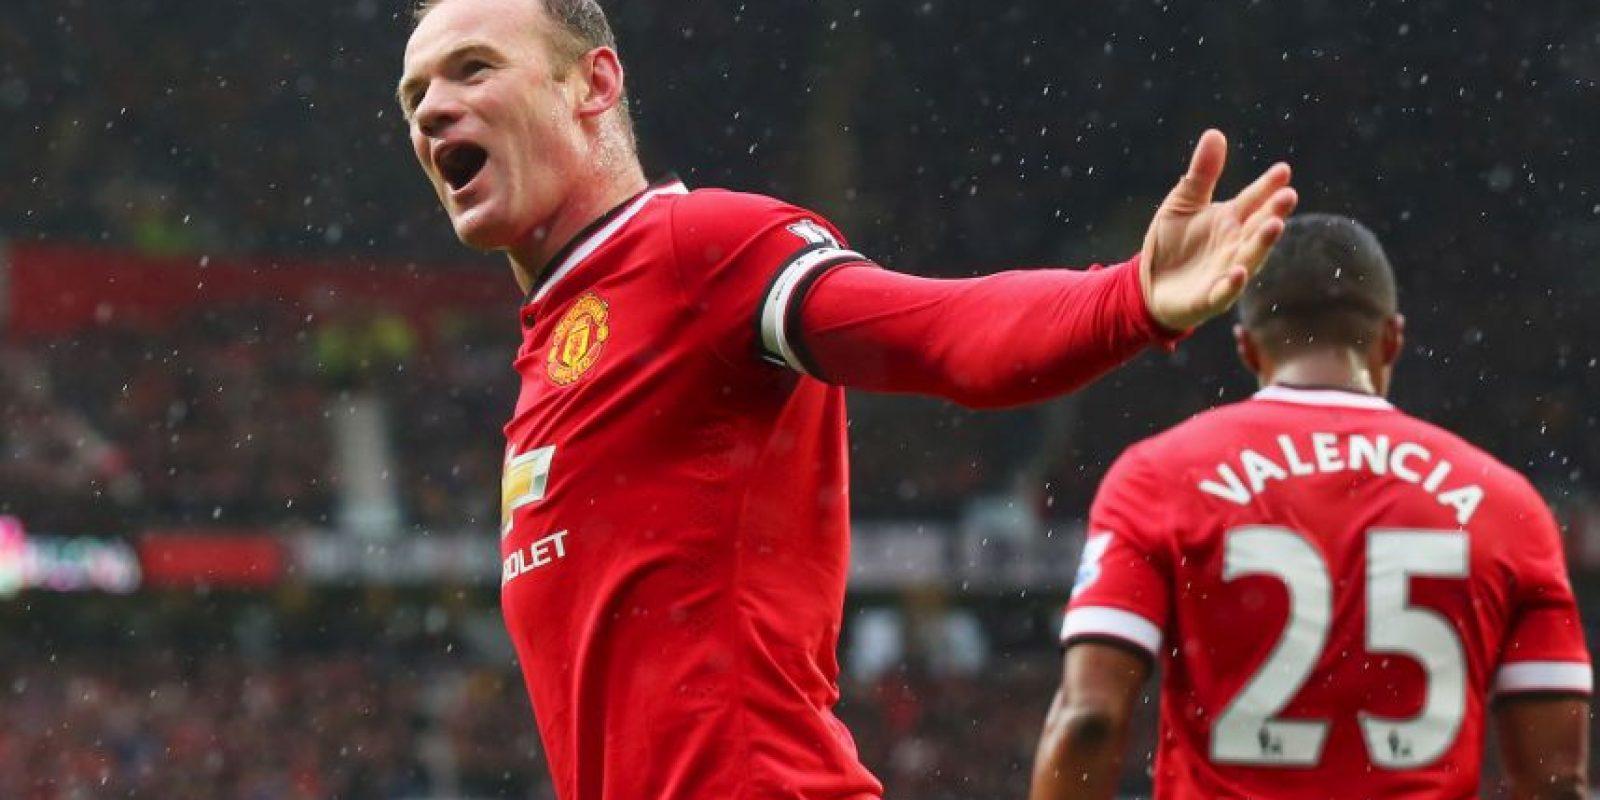 Gracias al contrato recién firmado con el Manchester United, Rooney recibirá 25.94 millones de dólares cada año. Foto:Getty Images